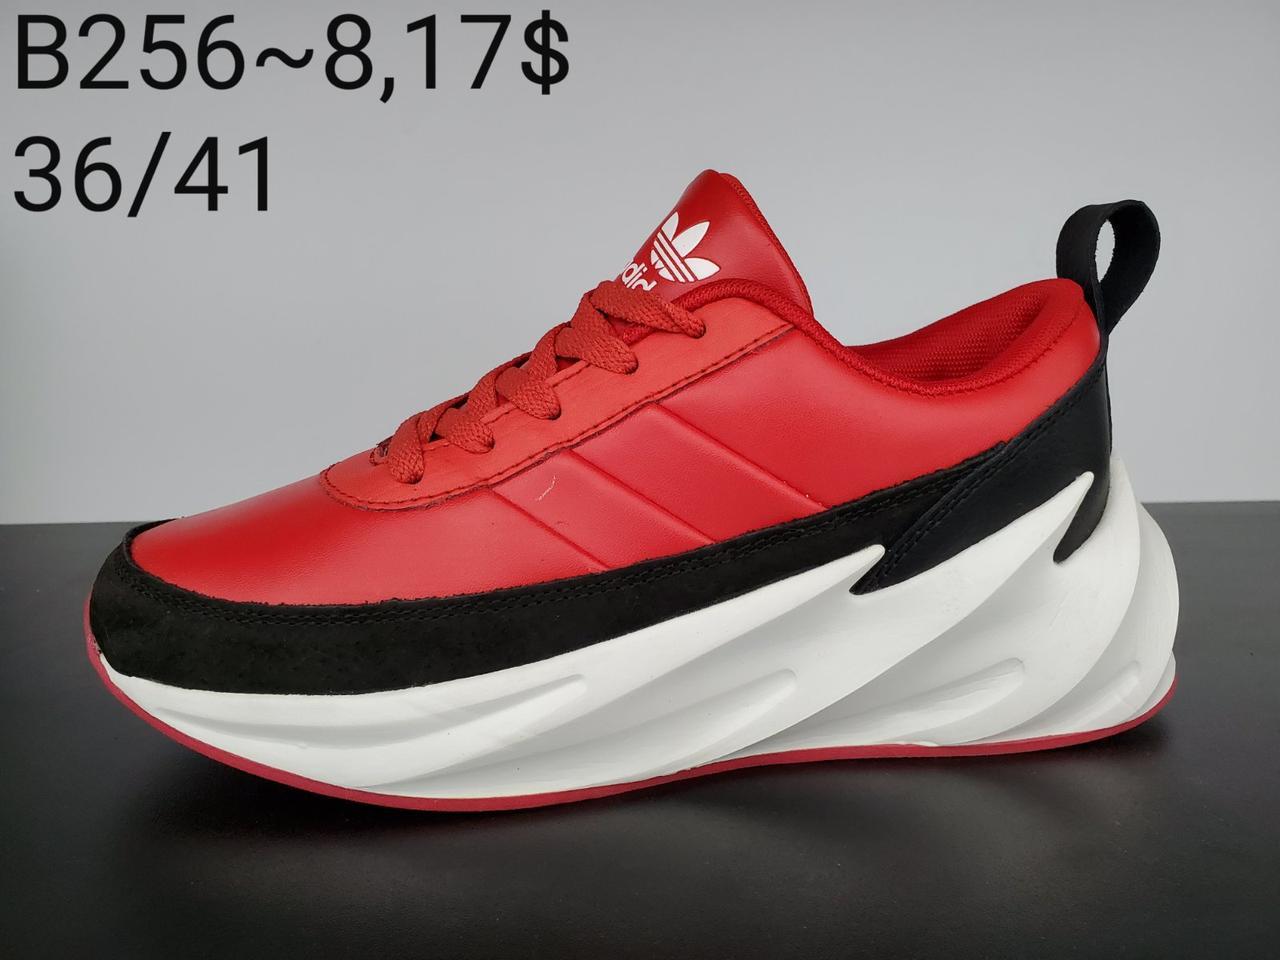 Підліткові кросівки Adidas оптом (36-41)